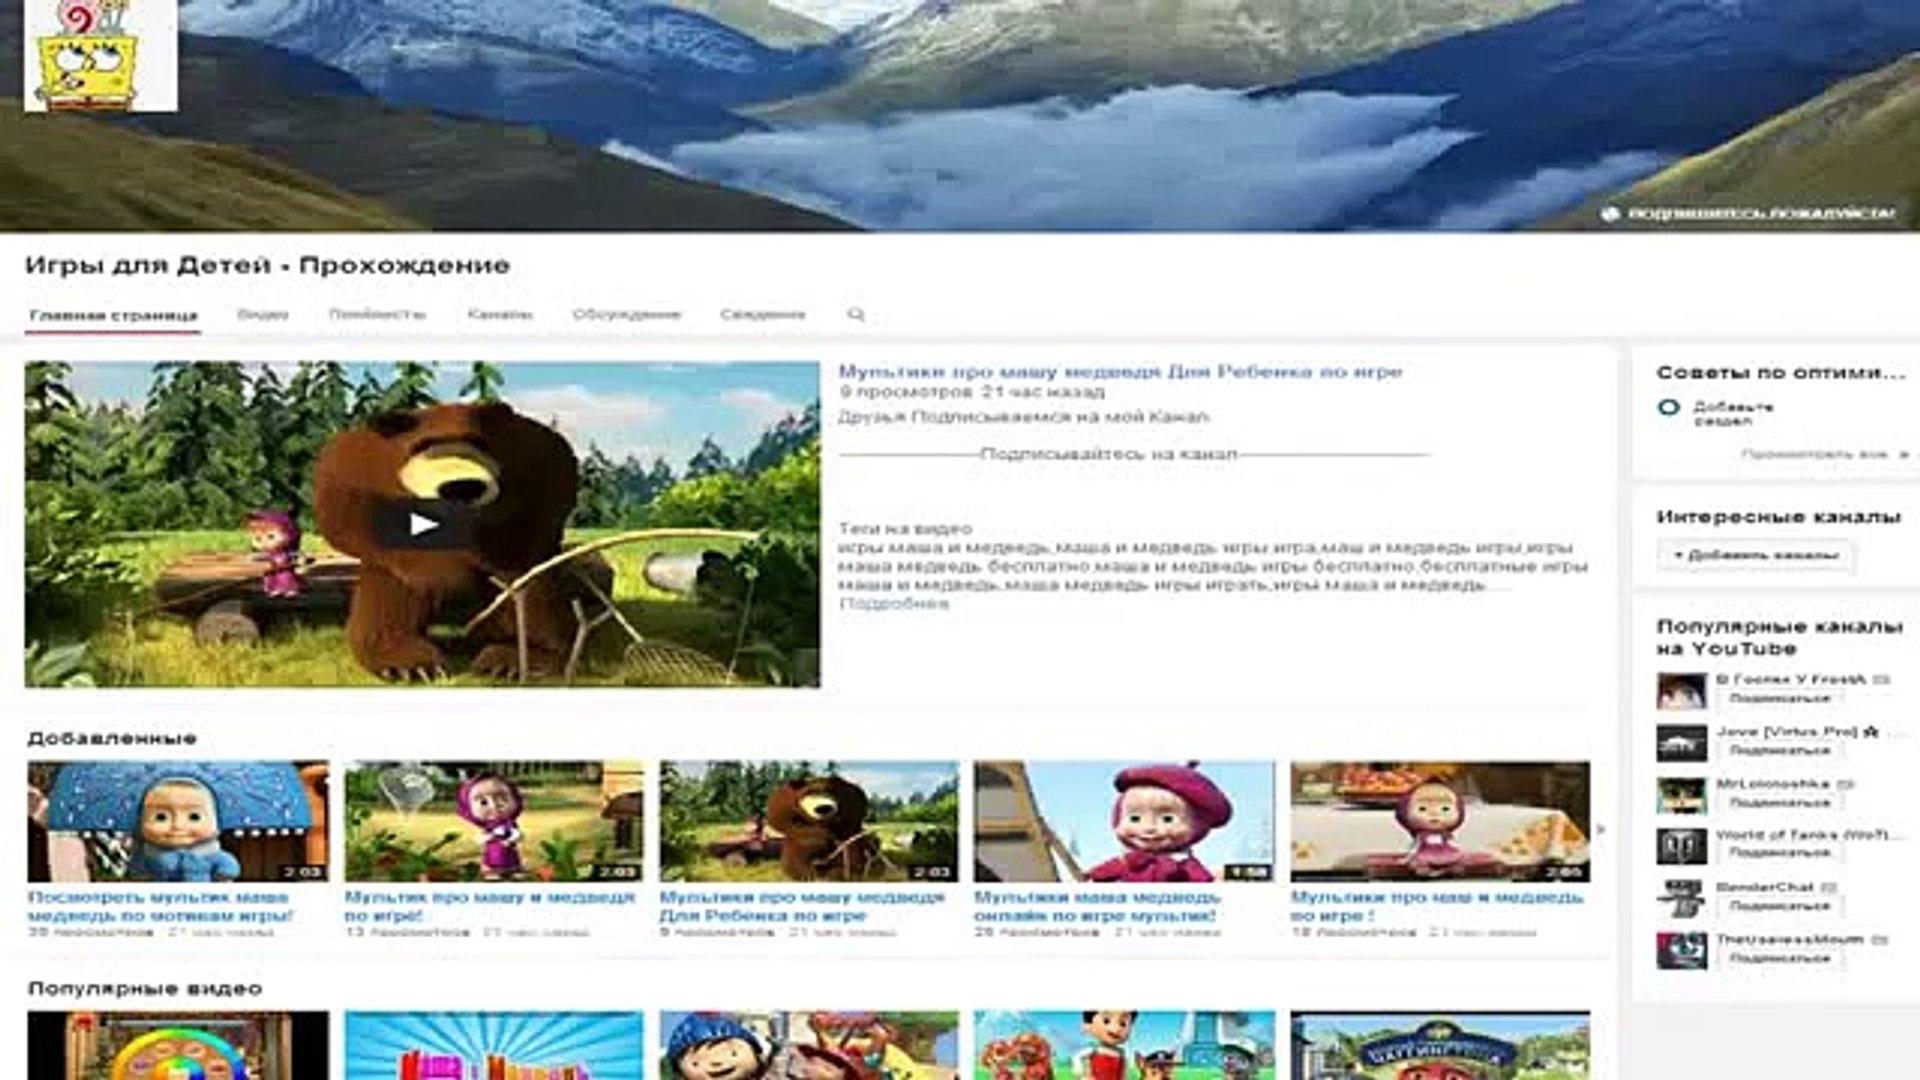 Игра Смешарики Развивающая игра и мультфильмы для детей новые серии Lets play по игре